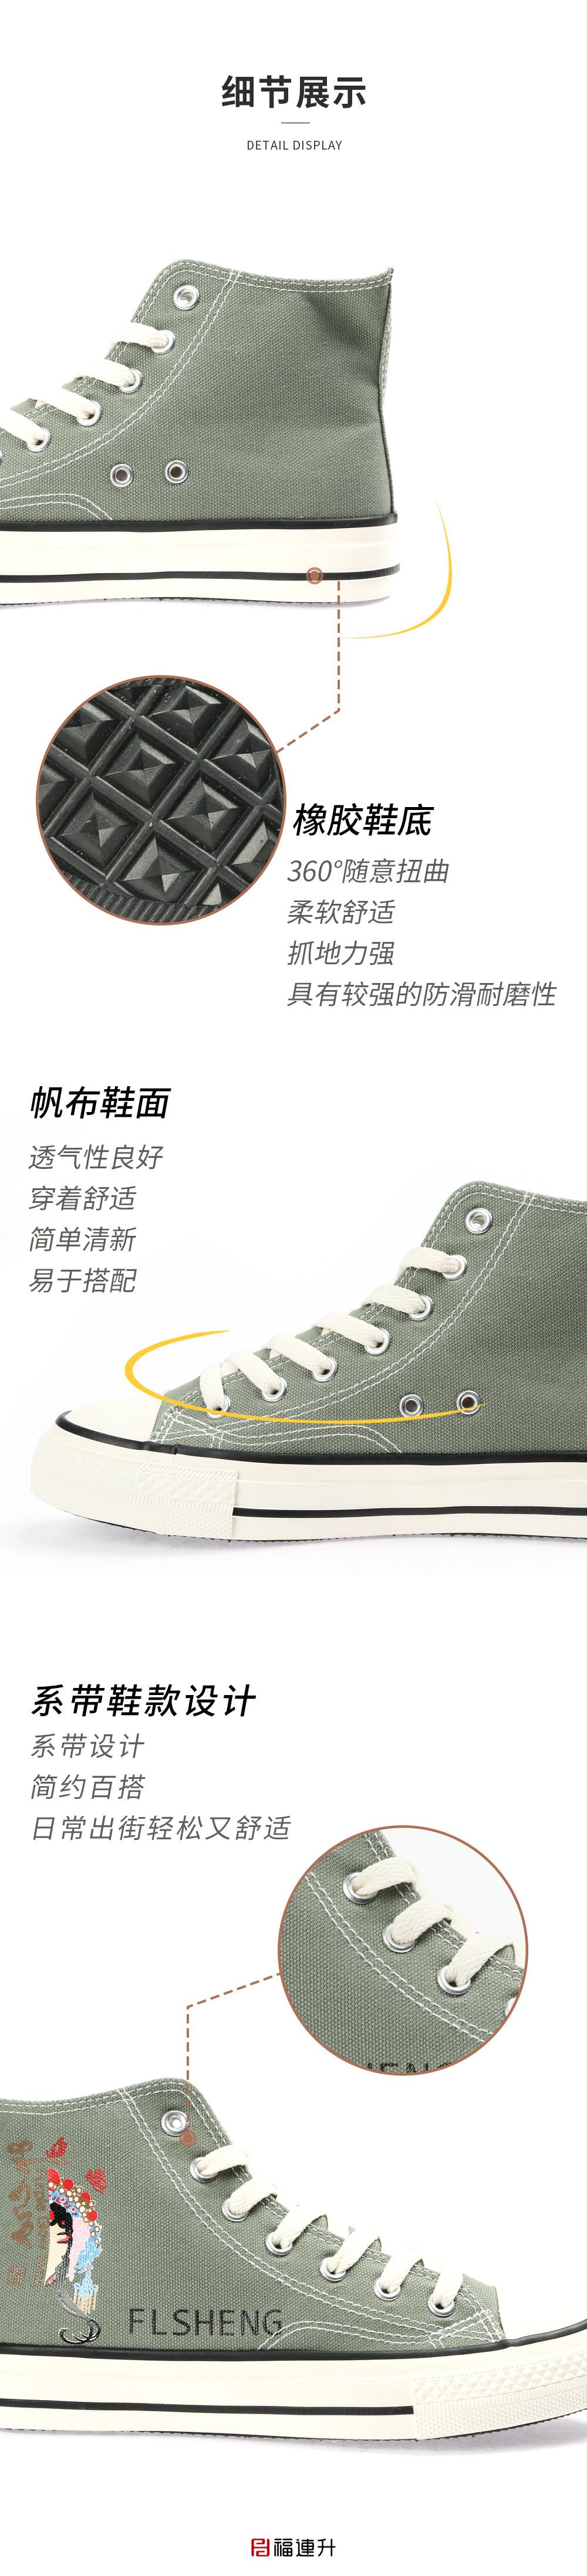 中国风高帮帆布鞋 脸谱刺绣情侣鞋潮流百搭休闲布鞋图片